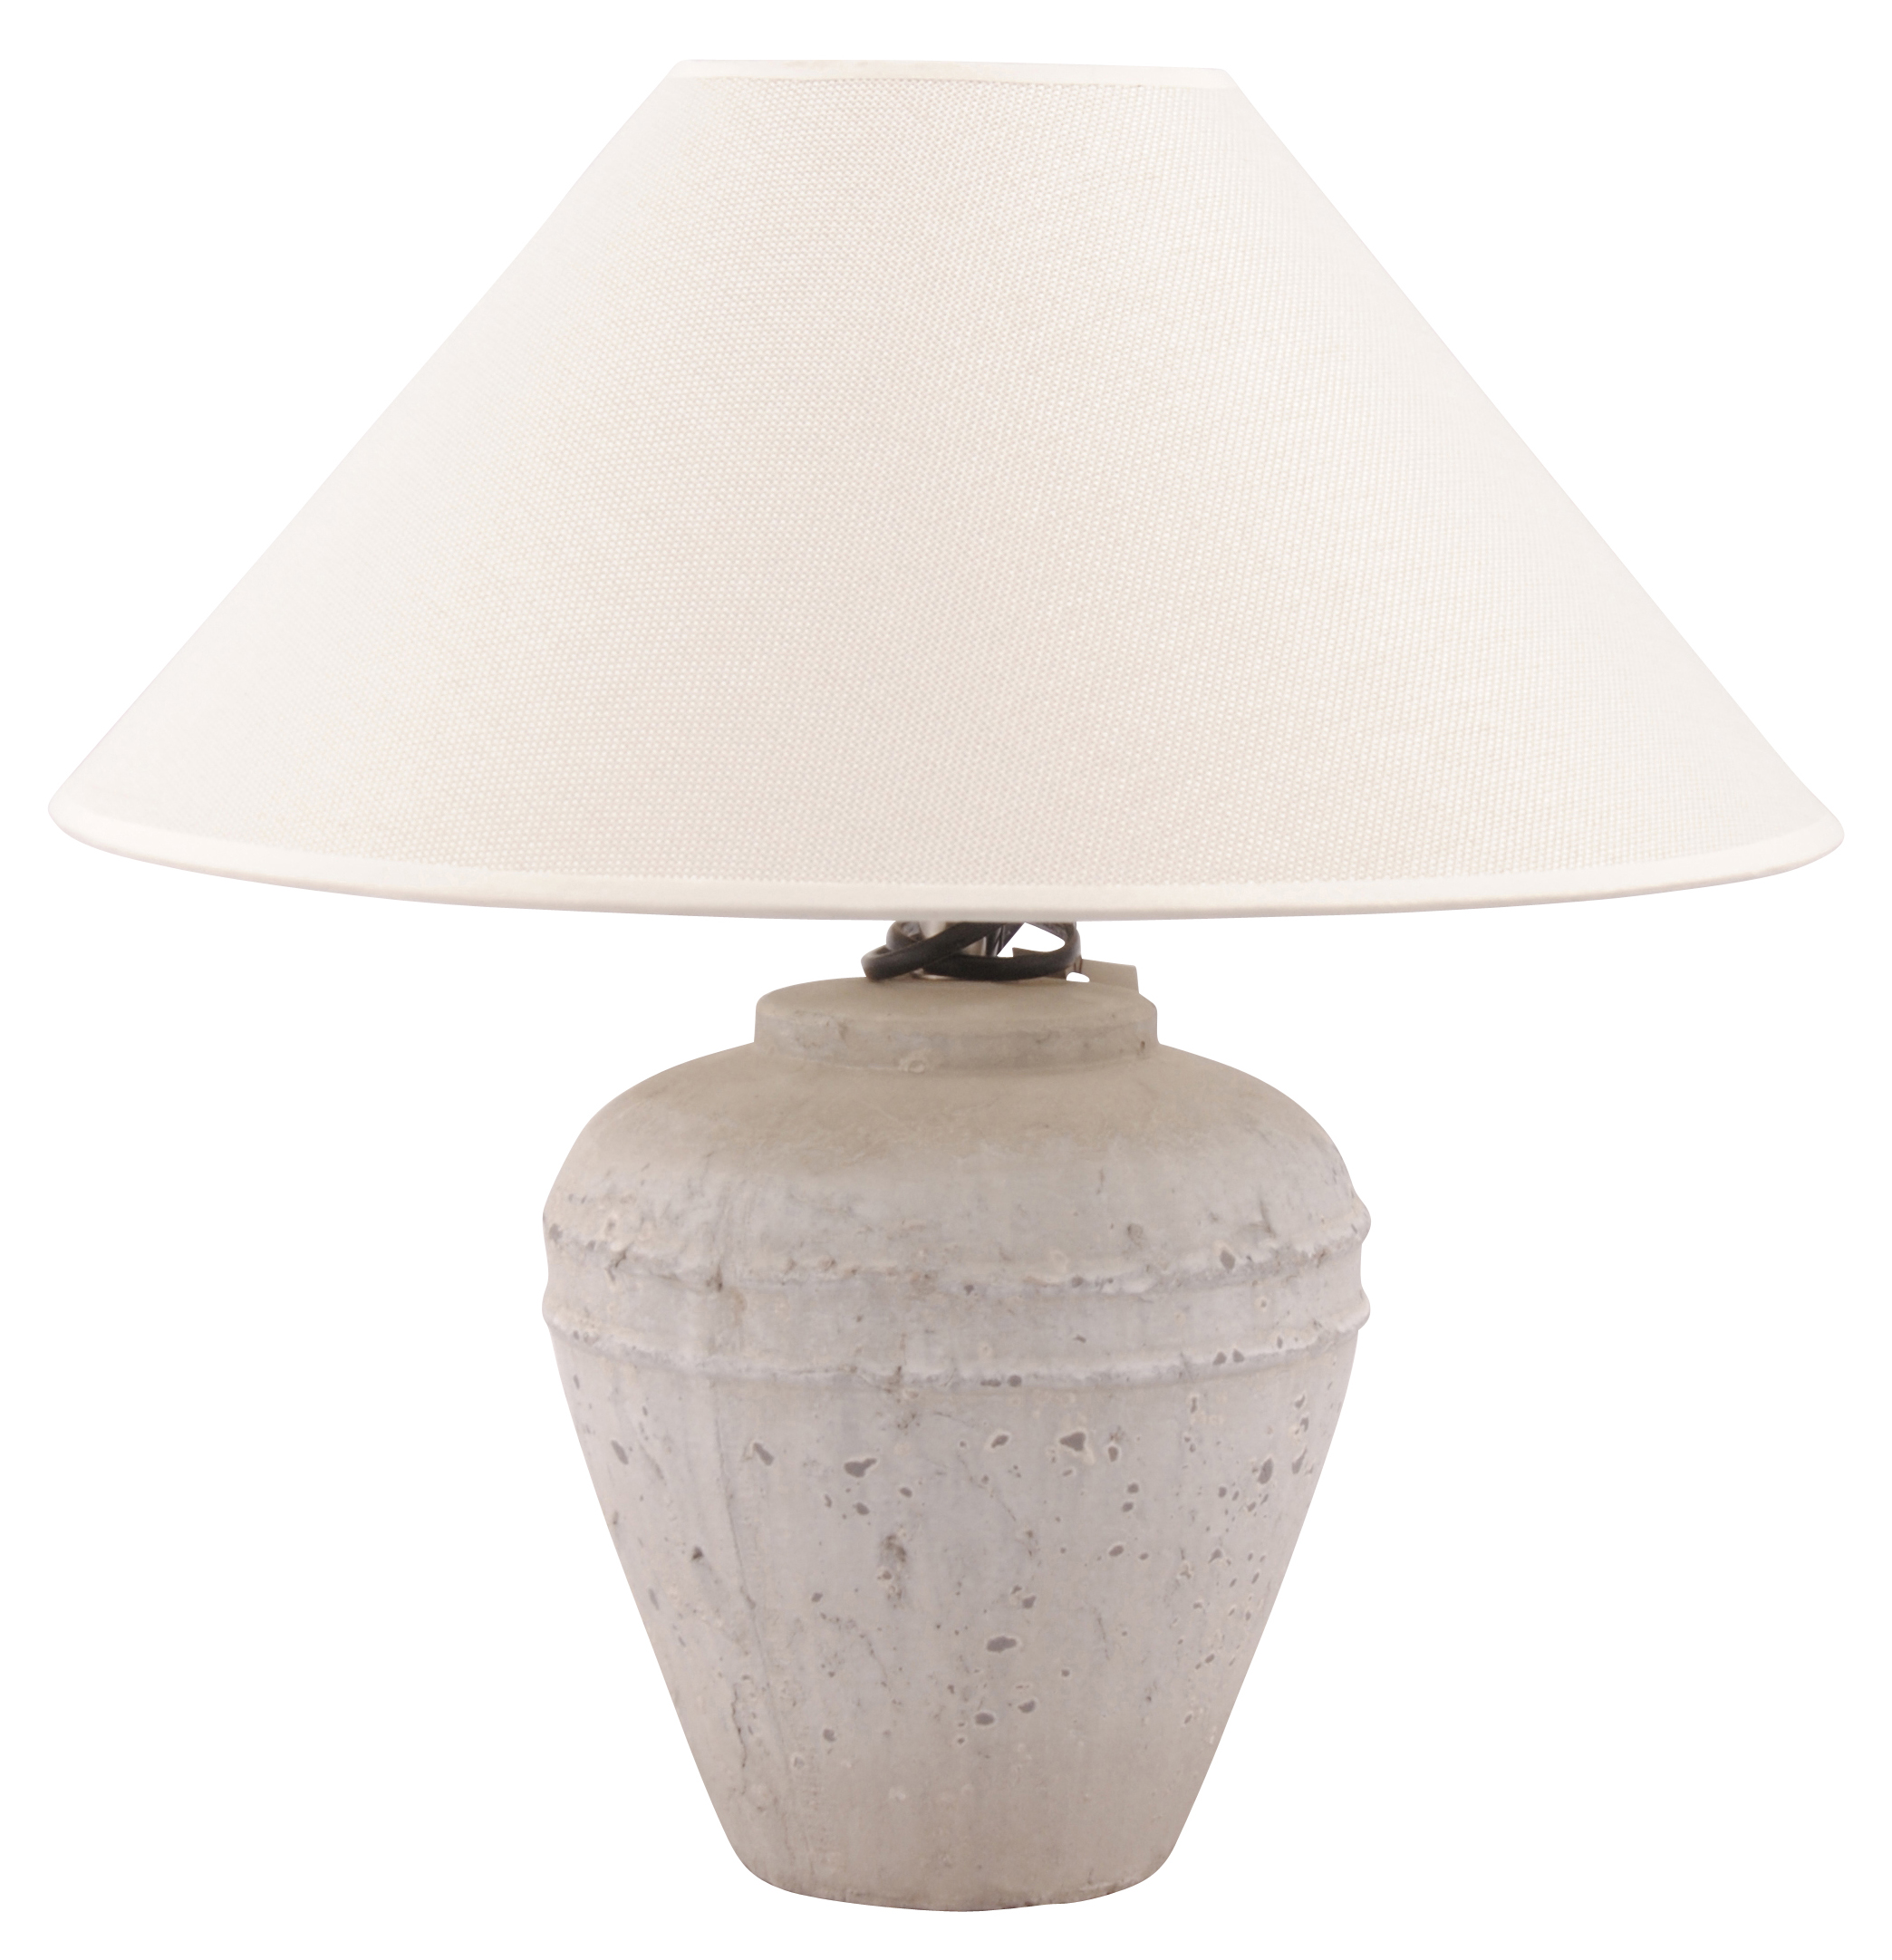 Tischlampe 'Clarté' Ve. 1 Stk